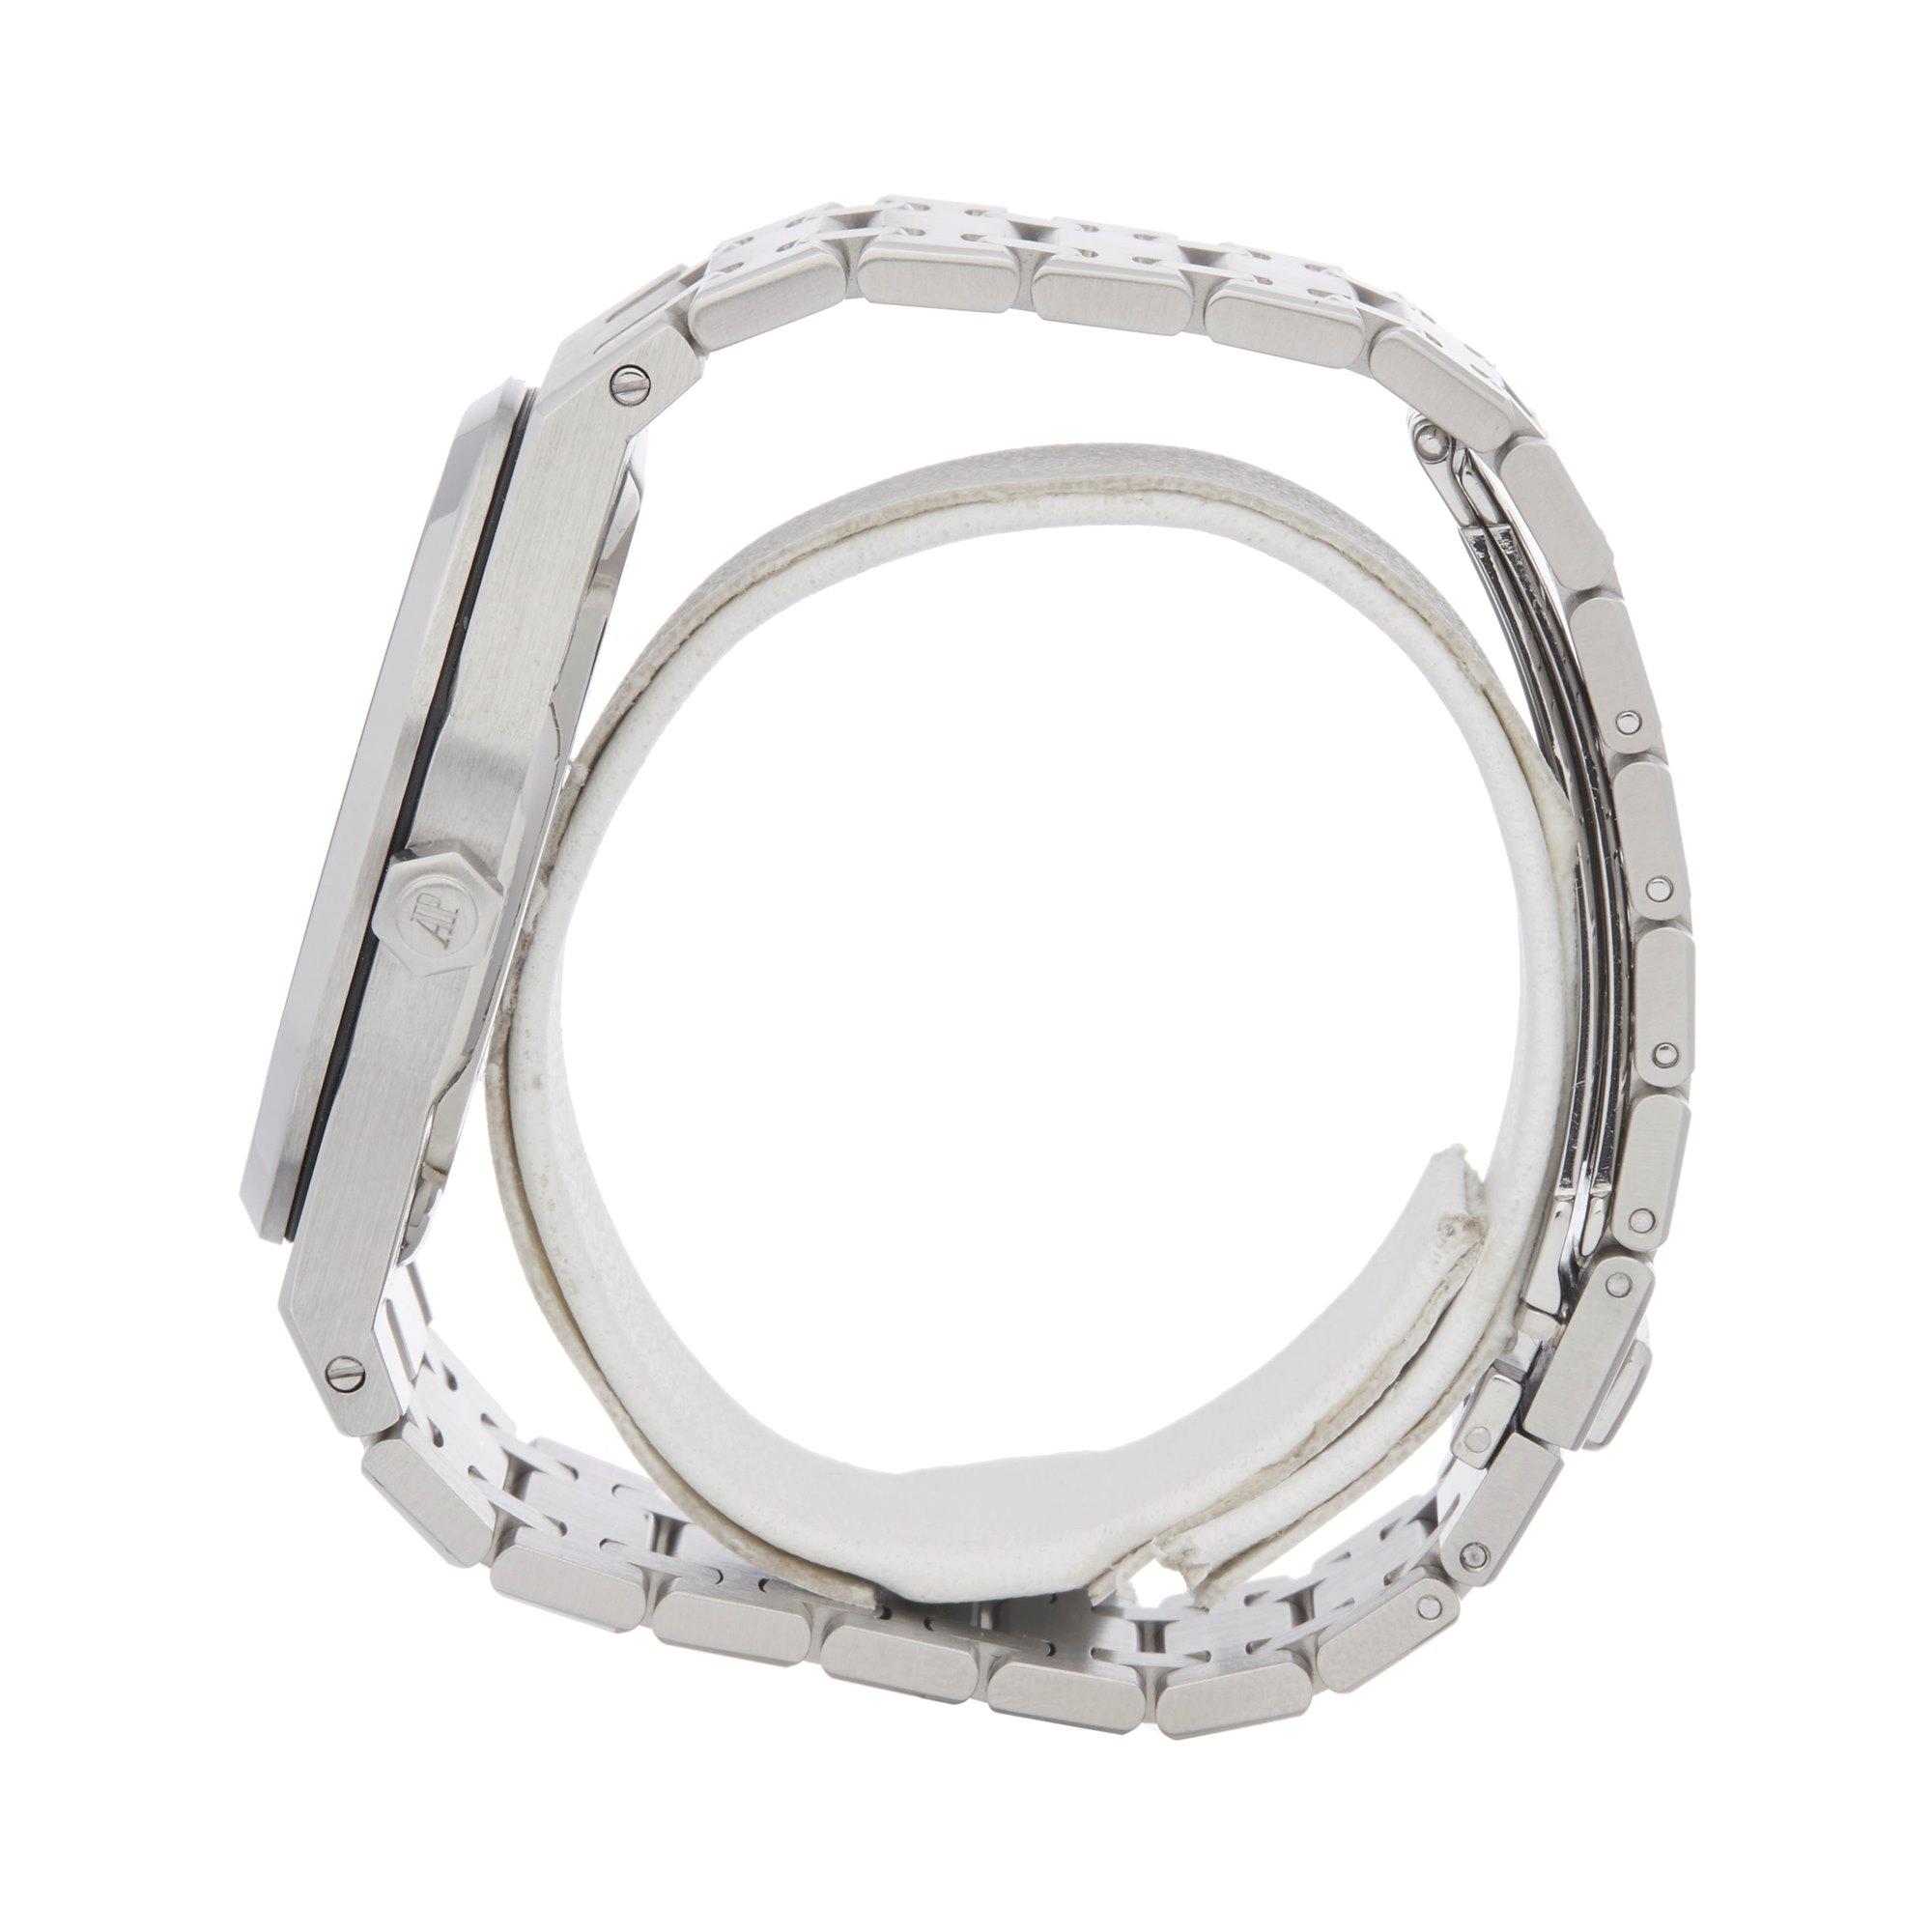 Audemars Piguet Royal Oak Stainless Steel 14790ST